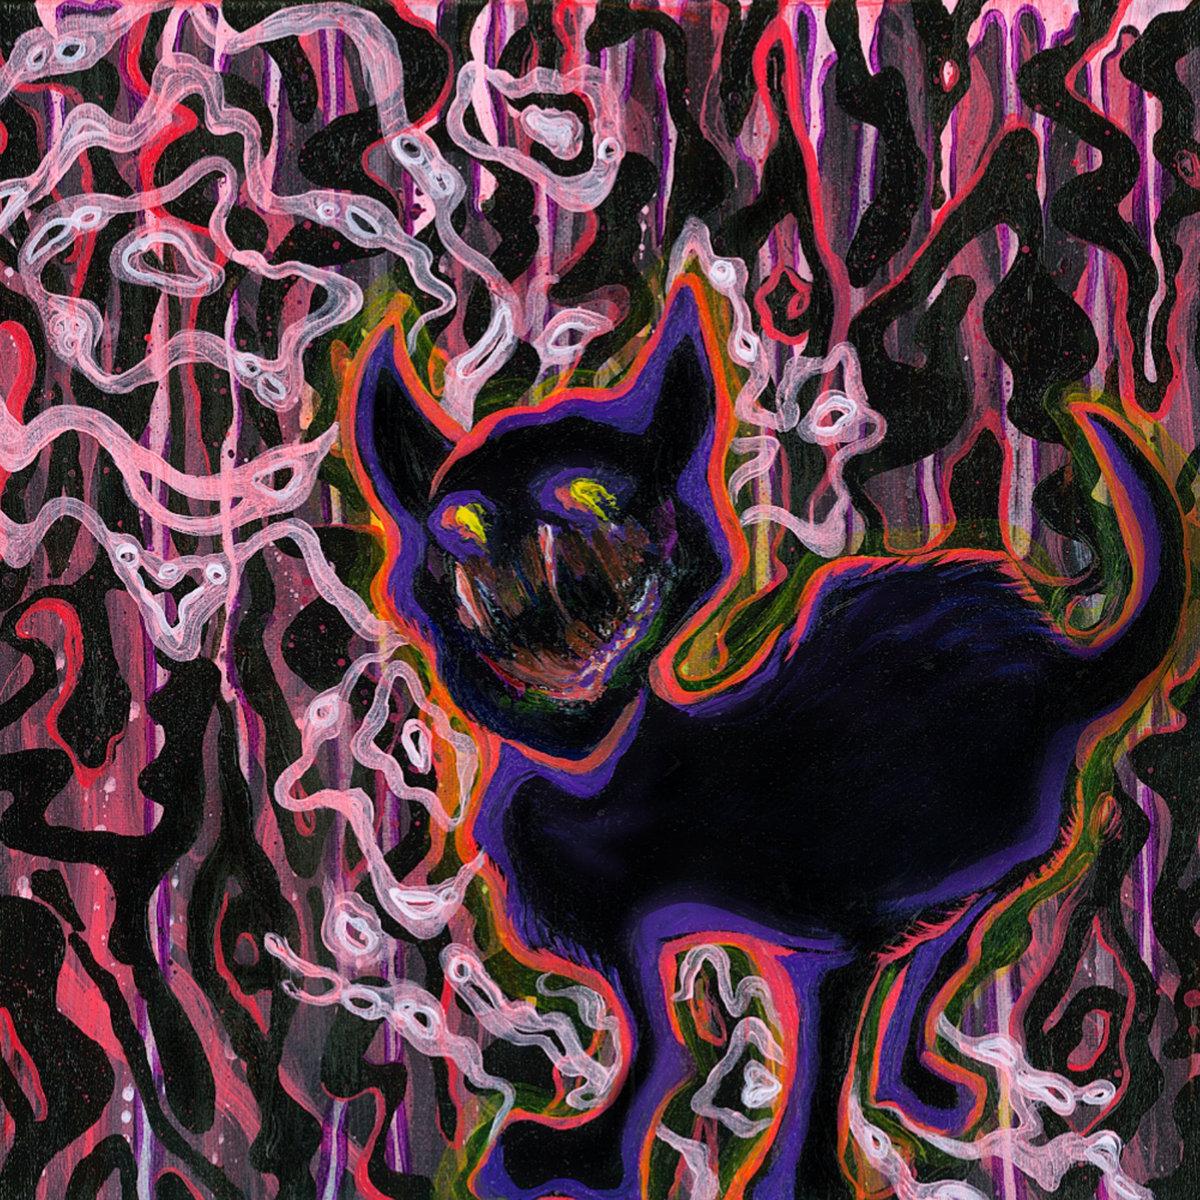 Rat King Omen